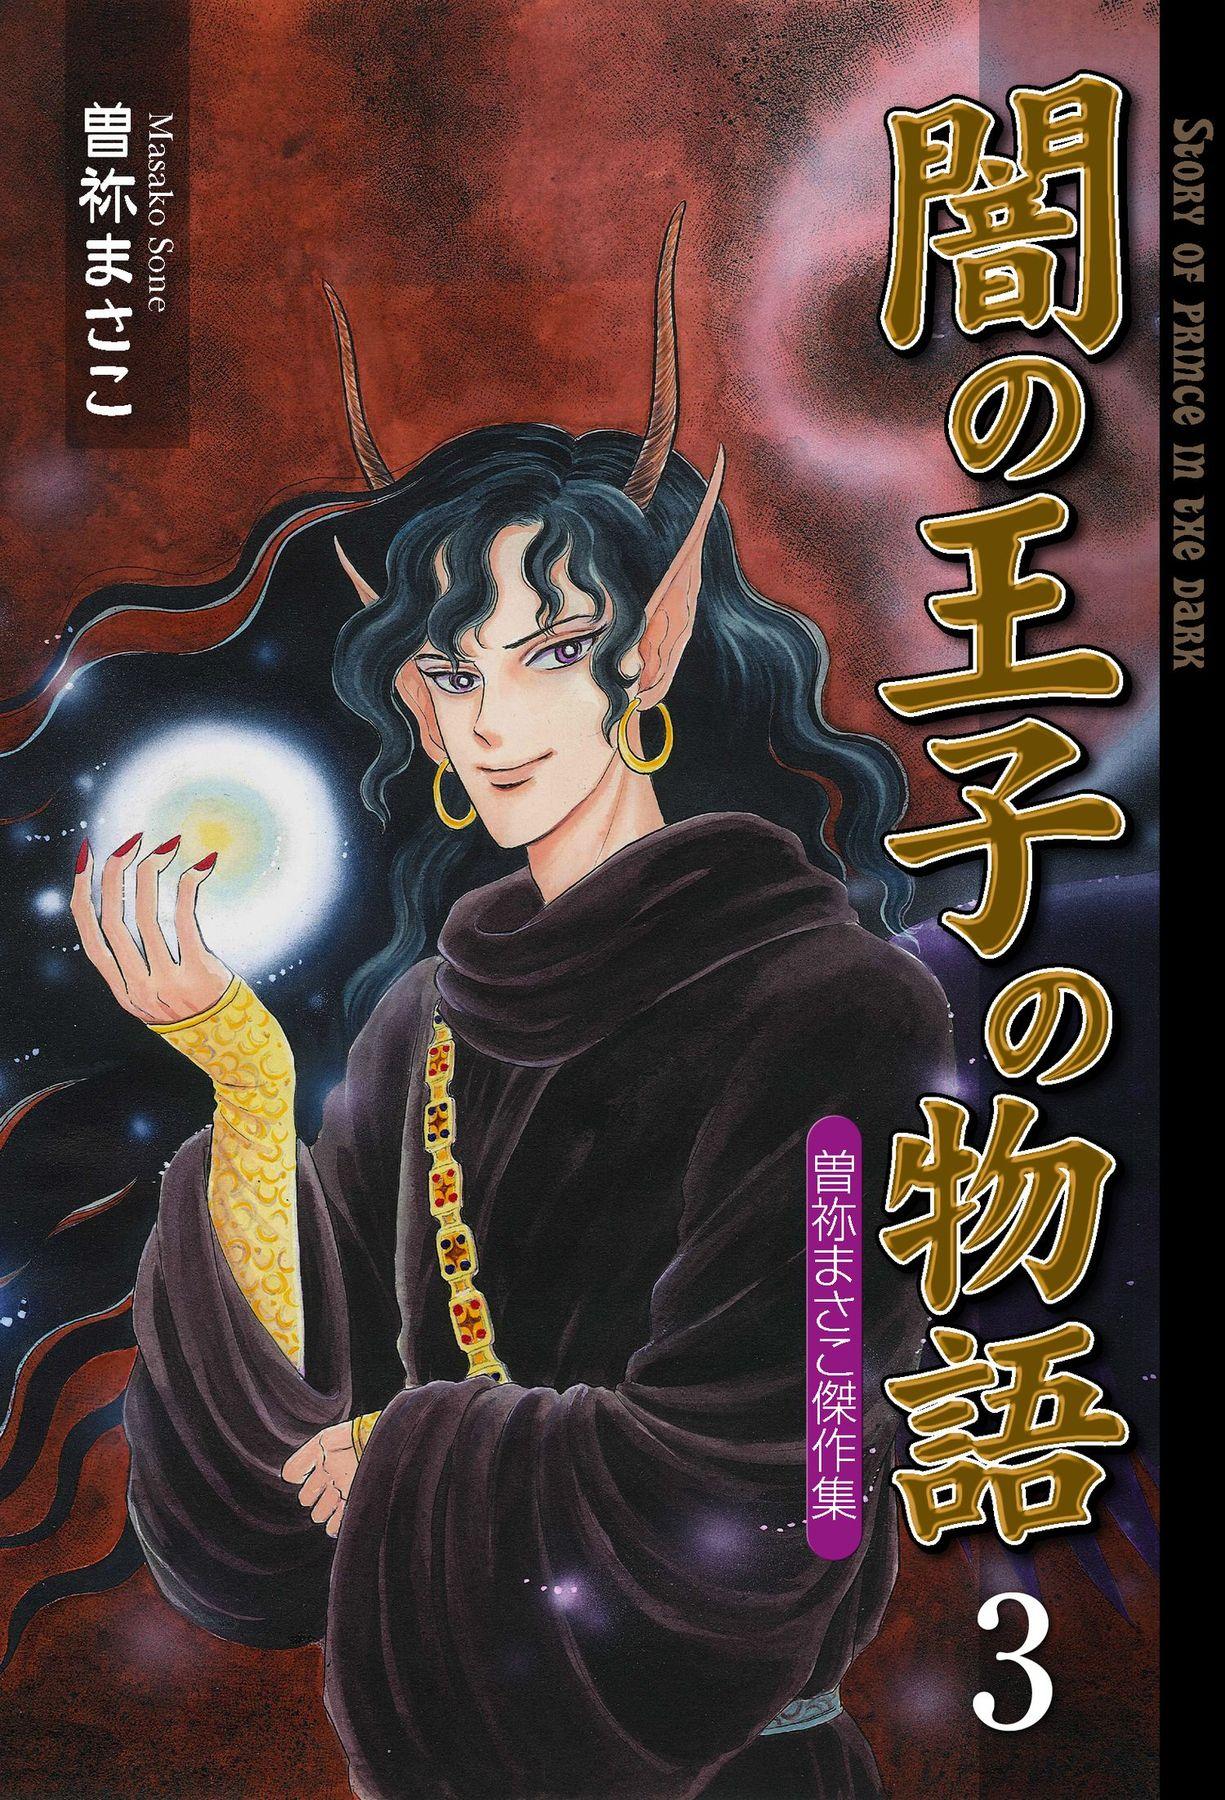 闇の王子の物語 曽祢まさこ傑作集(第3巻)